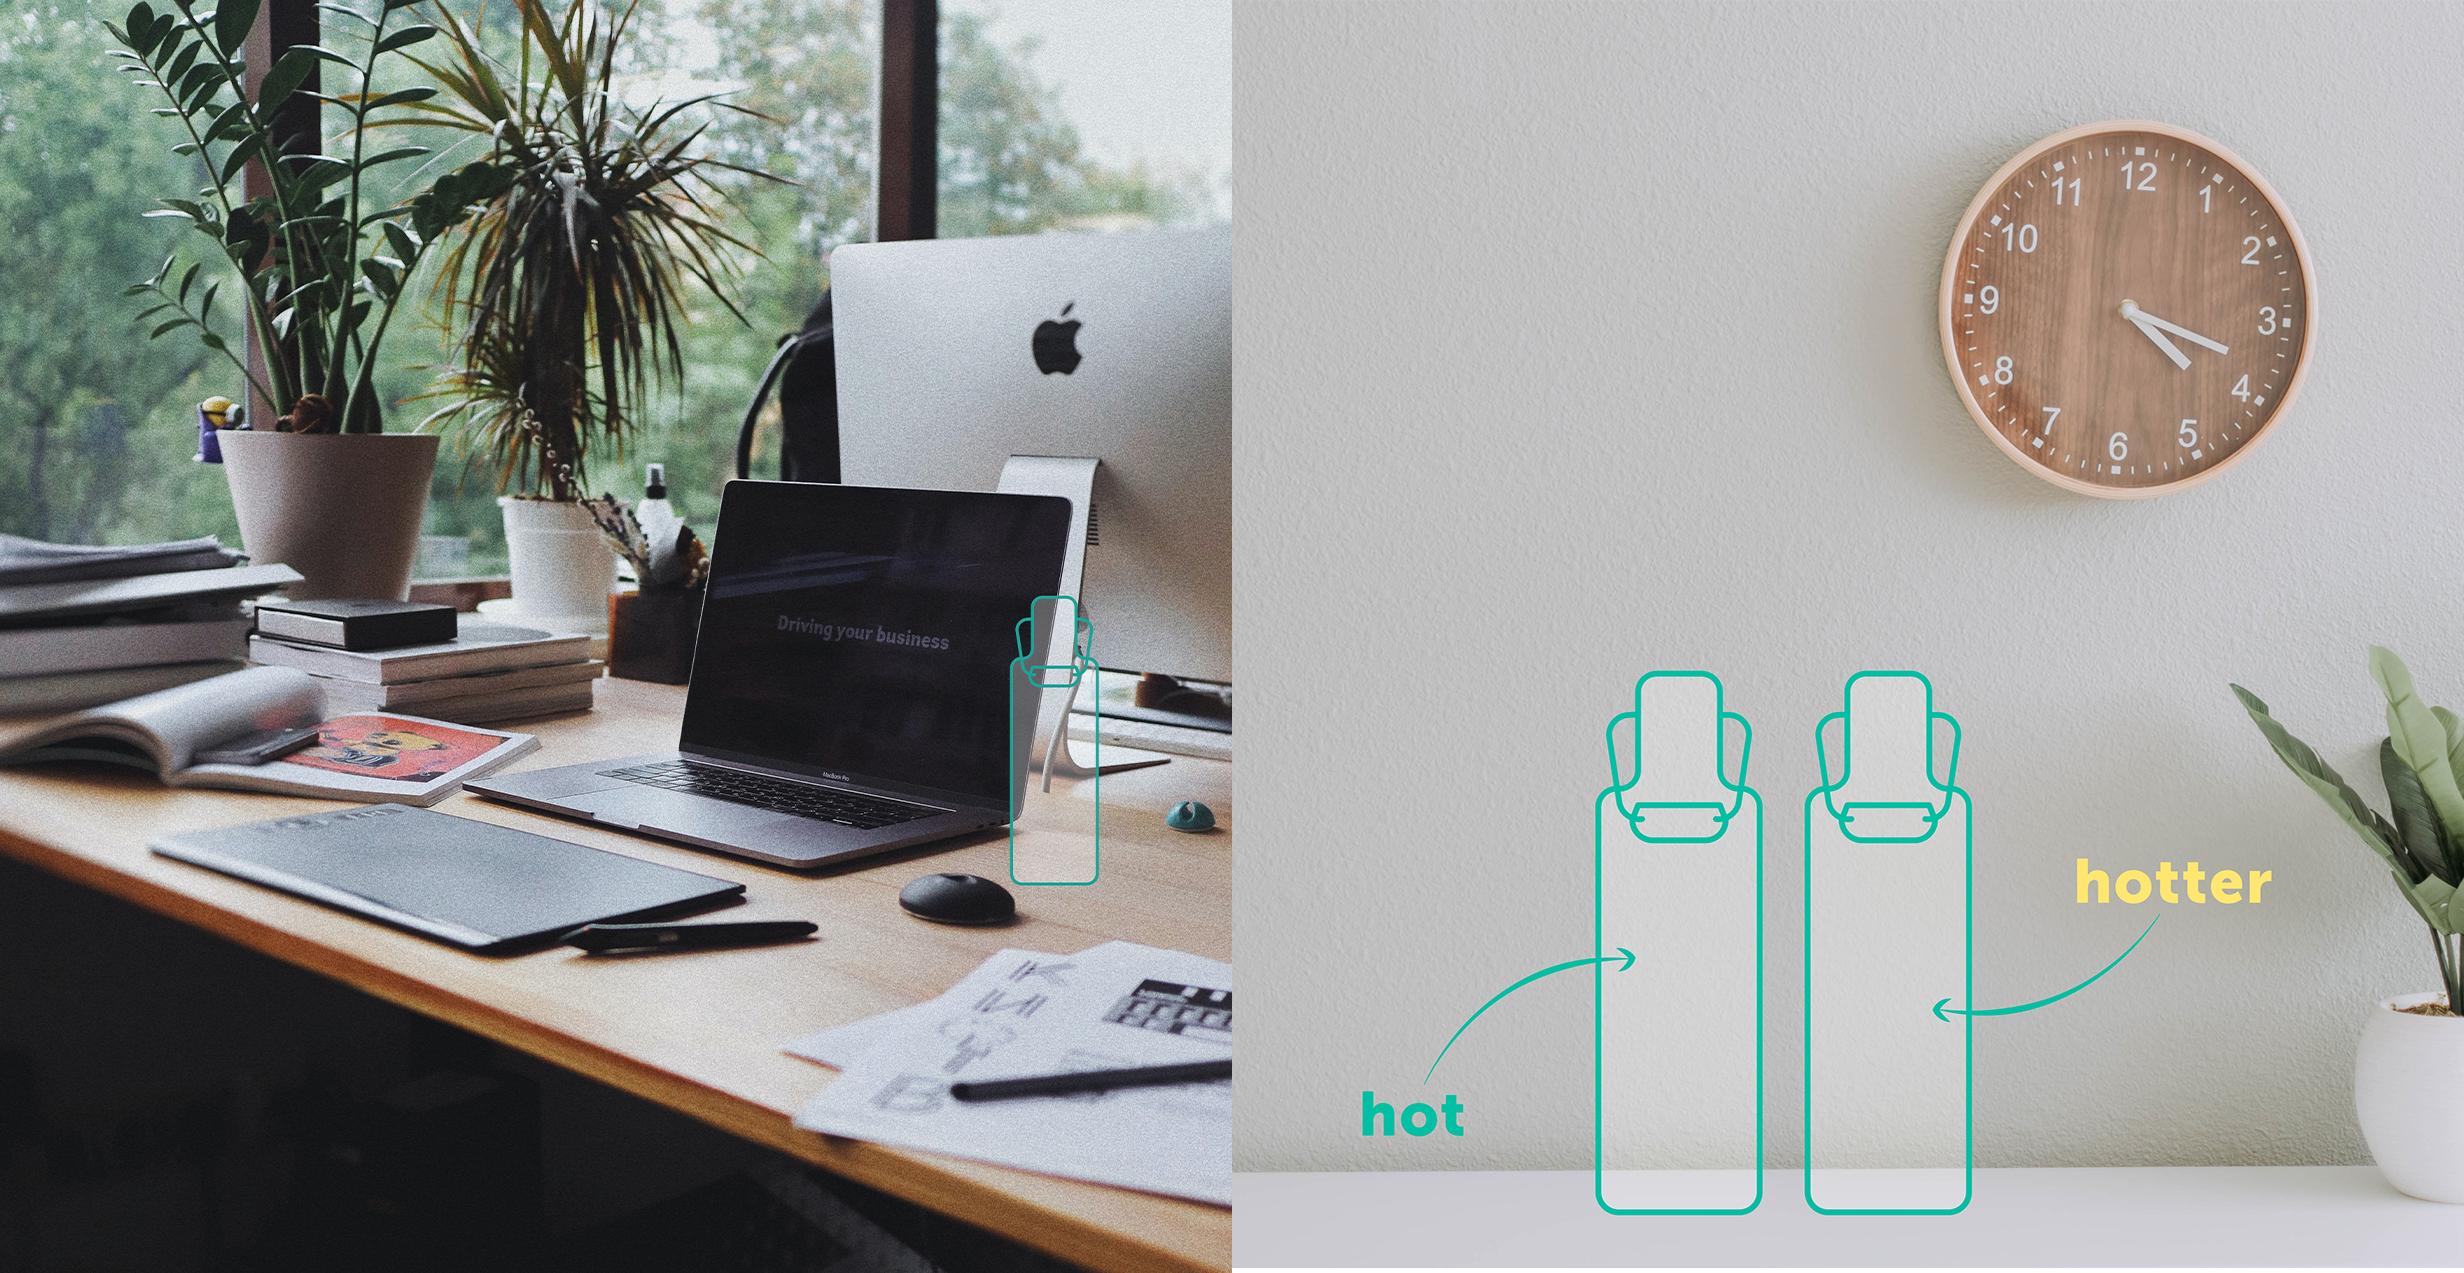 soulbottles-design-contest-hot-hotter